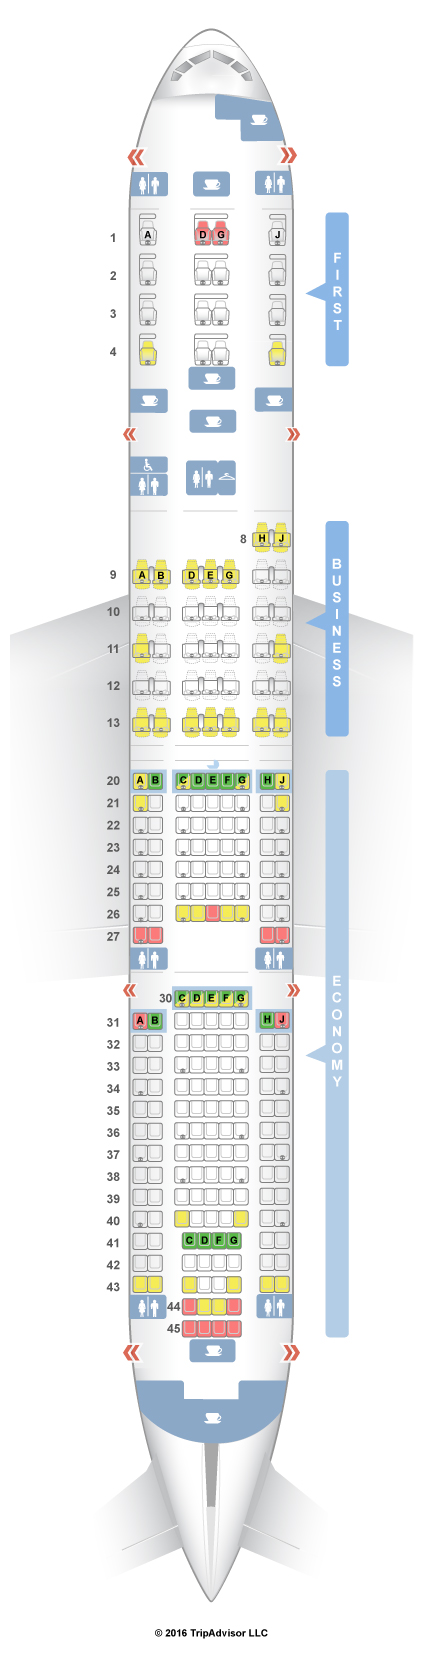 seatguru seat map american airlines boeing 777 200 777 v1. Black Bedroom Furniture Sets. Home Design Ideas